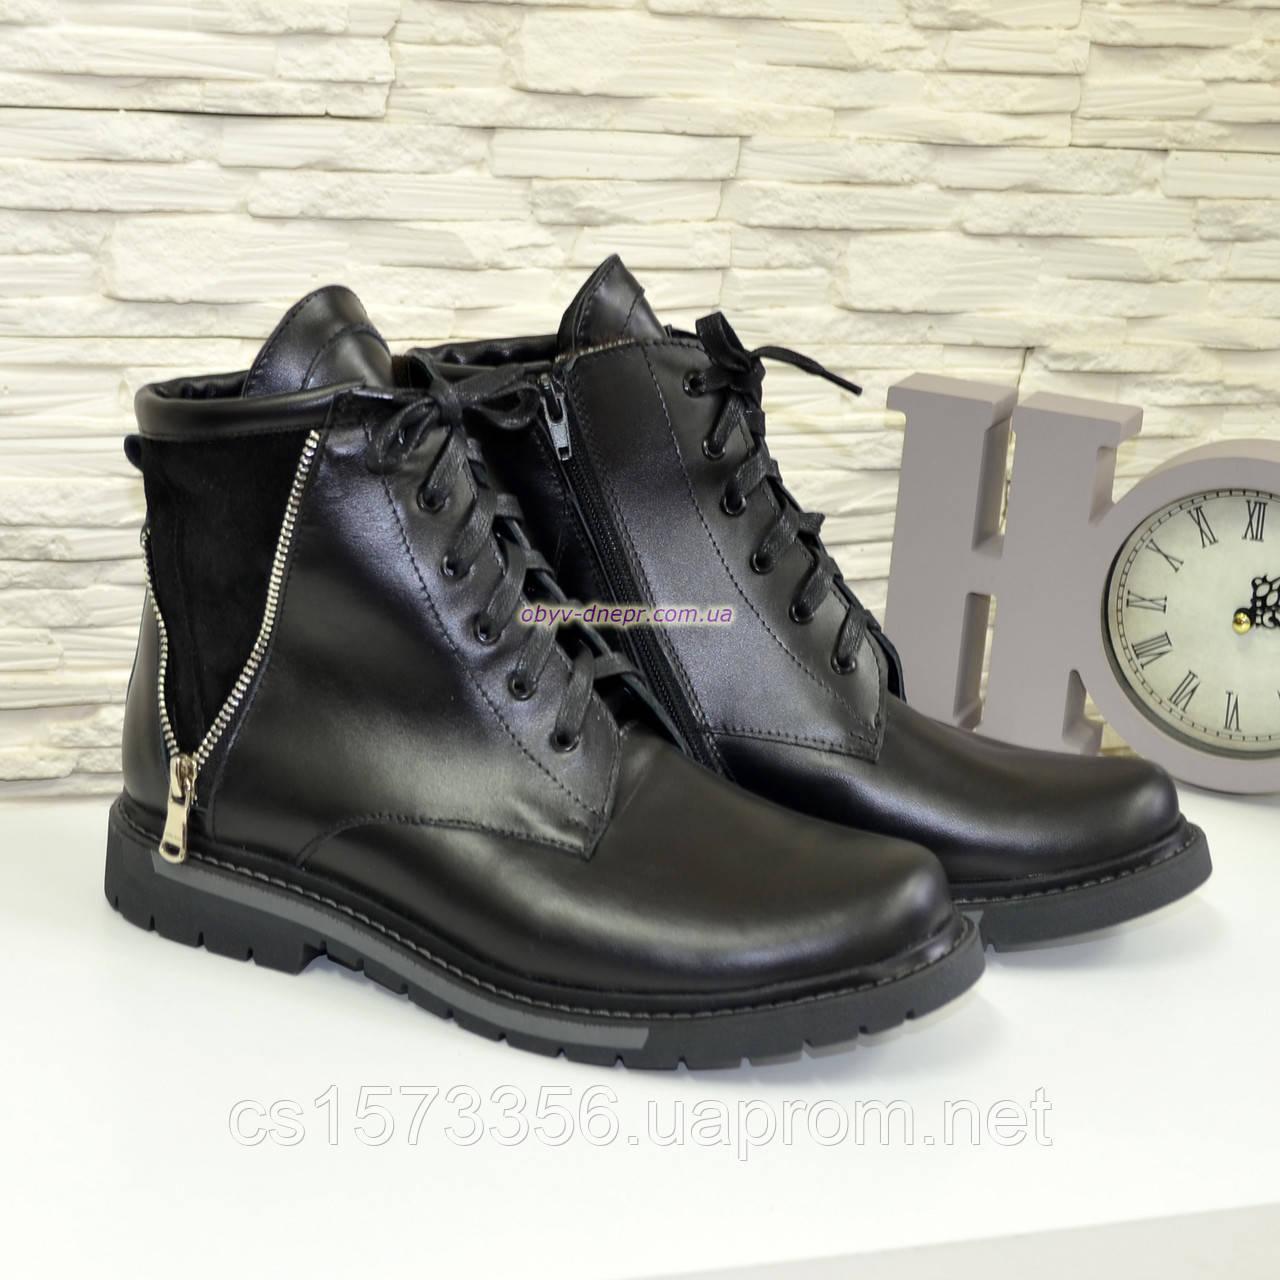 Ботинки мужские на утолщенной тракторной подошве, натуральная кожа и замша.